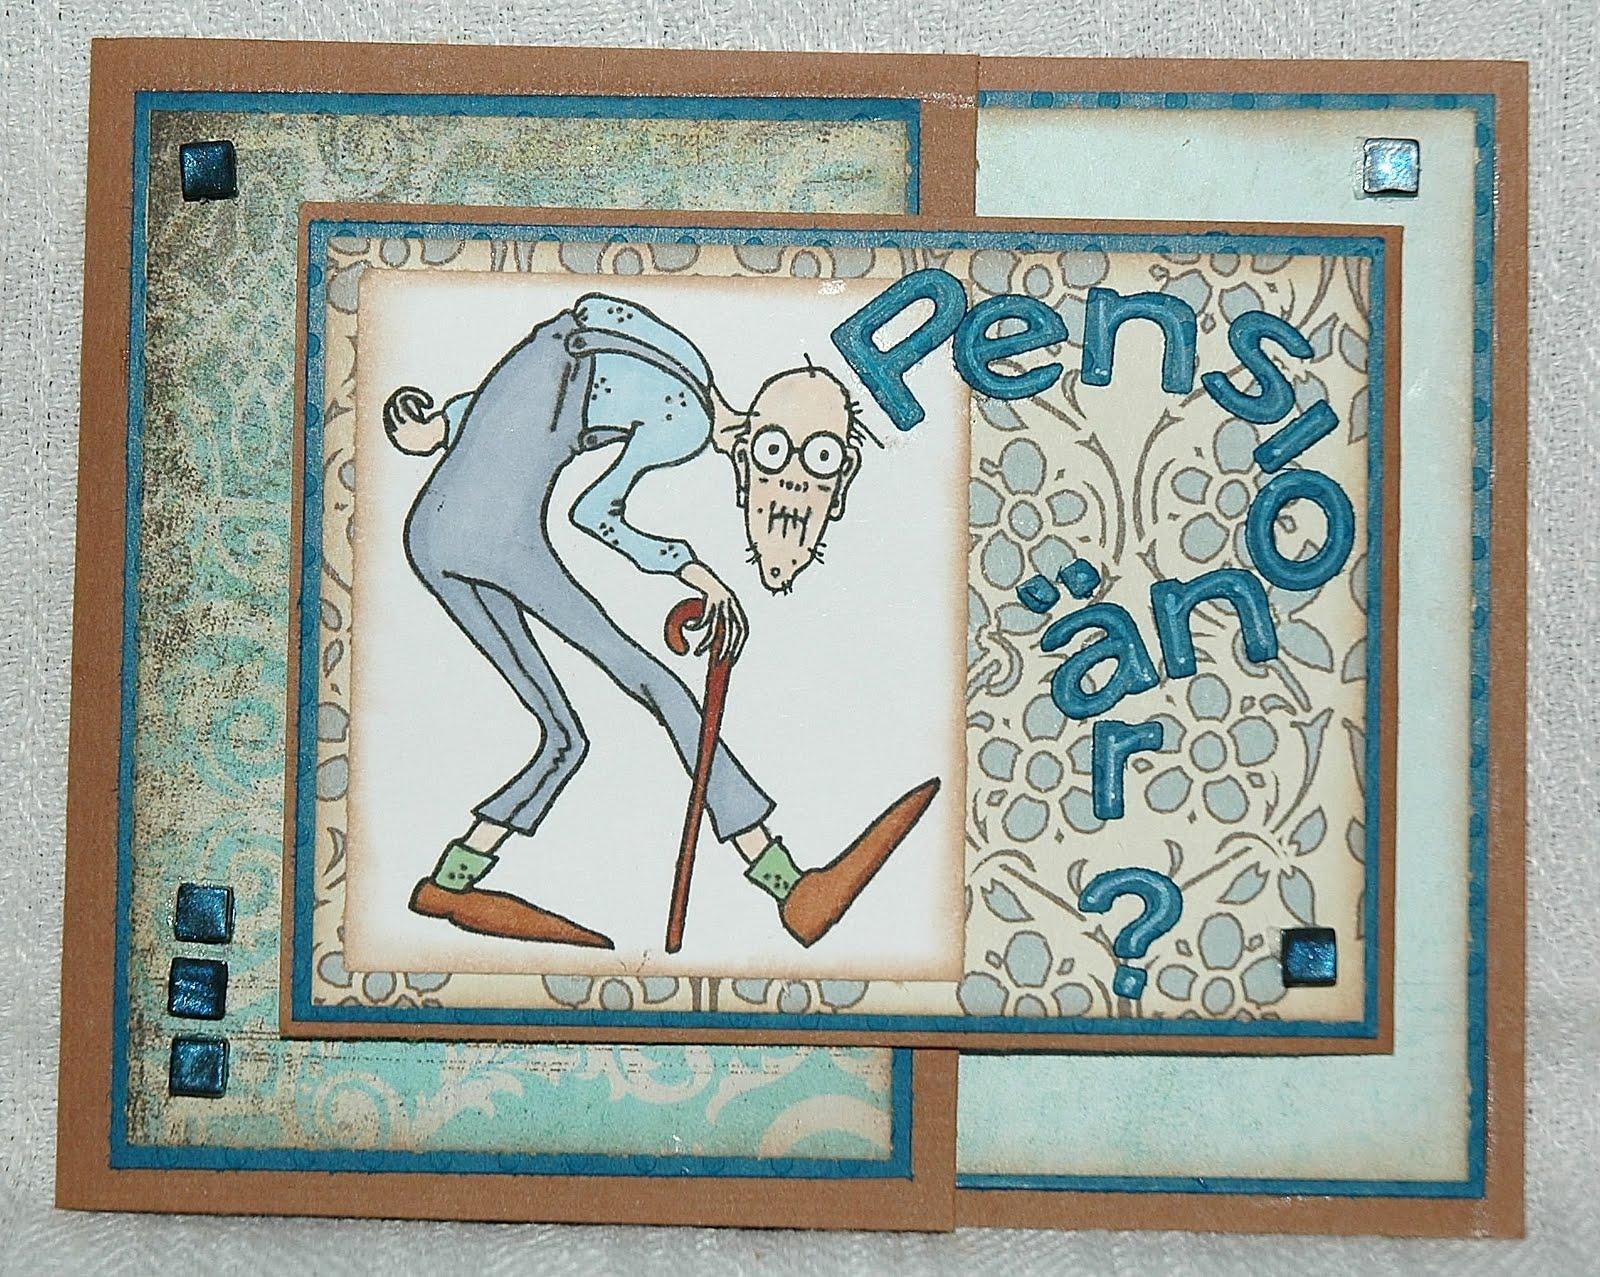 gratulationskort till pensionär Lottas vrå: juli 2011 gratulationskort till pensionär